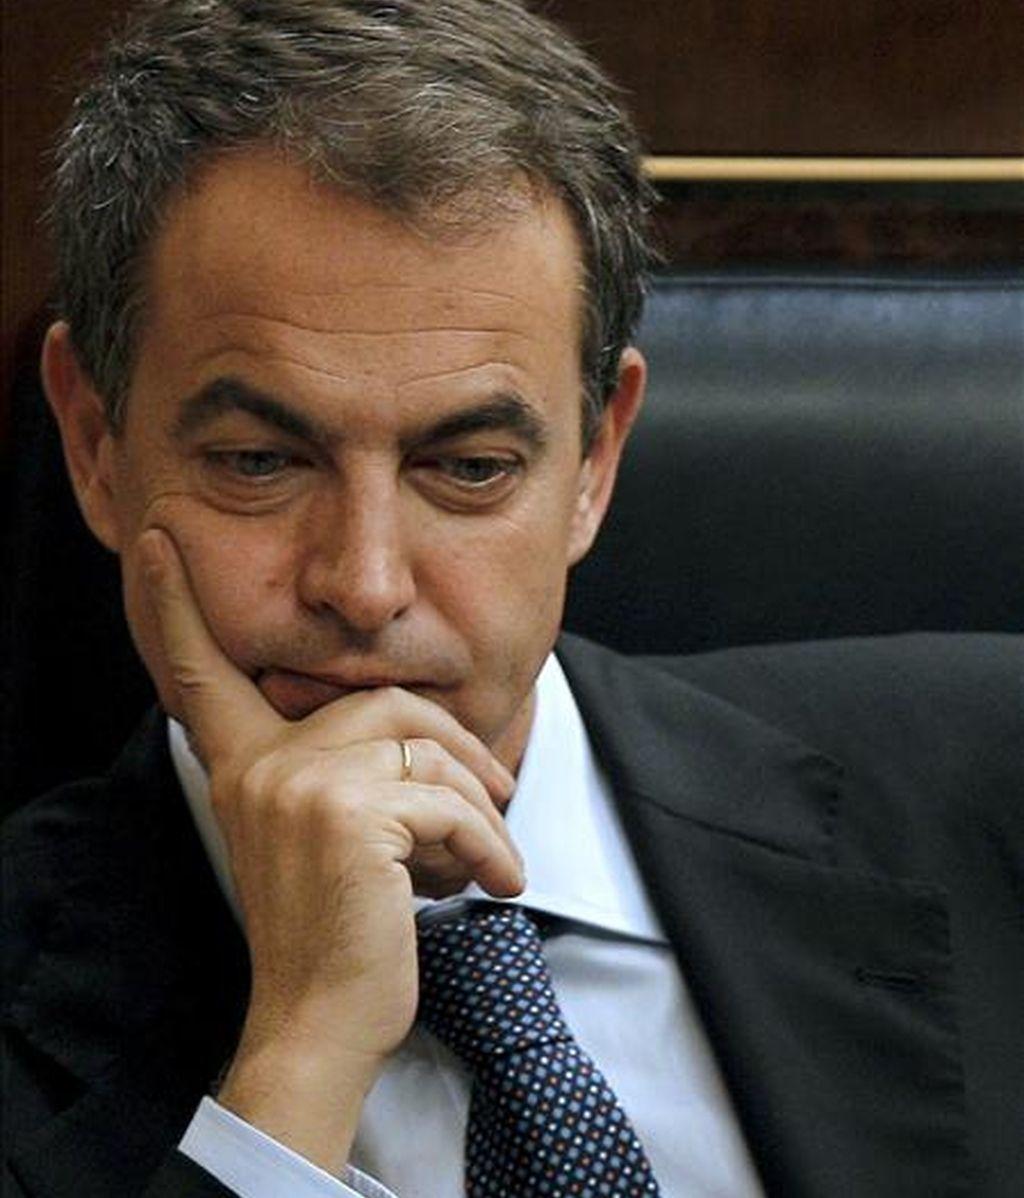 El presidente del Gobierno, José Luis Rodríguez Zapatero, durante la sesión de control al Ejecutivo celebrada en el Congreso de los Diputados. EFE/Archivo